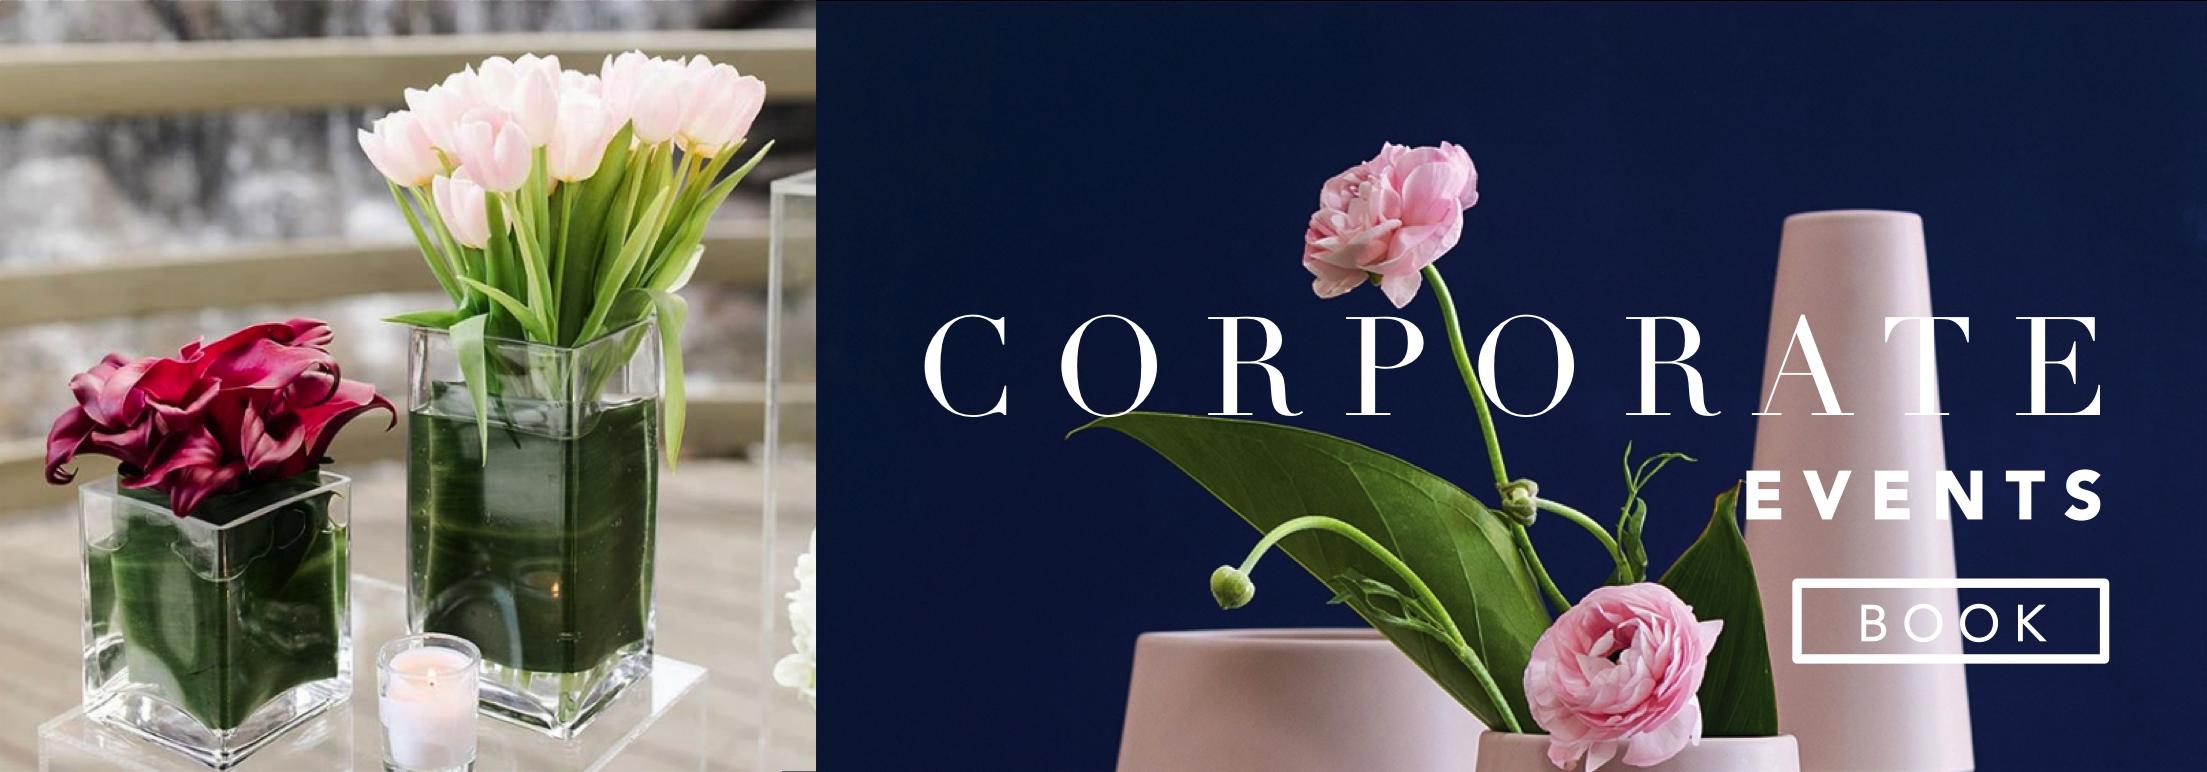 angies-floral-designs-corporate-events-eventos-corporativos-el-paso-weddings-el-paso-florist-flowershop-79912-angies-flower-el-paso-texas-flowershop-roses-wedding-events-.png